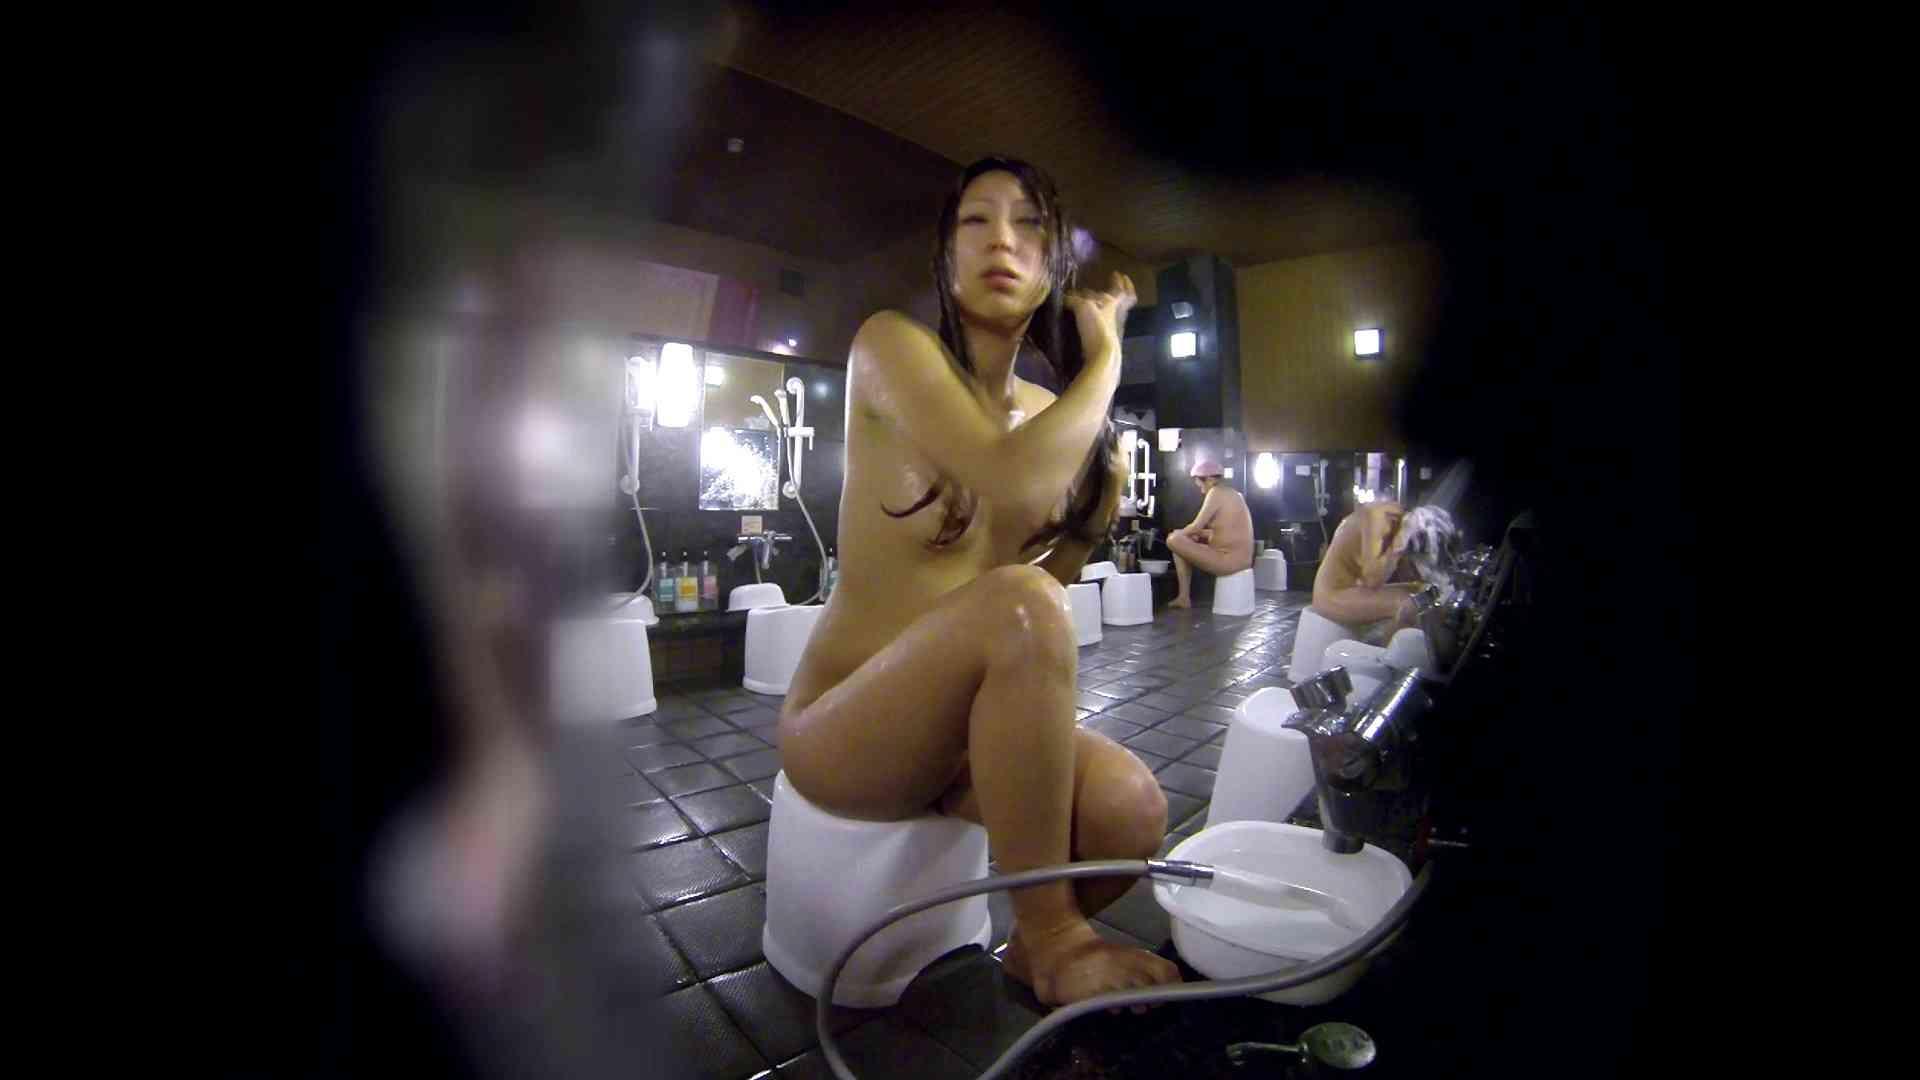 洗い場!綺麗に整えられた陰毛に嫉妬します。 美乳 SEX無修正画像 63画像 22